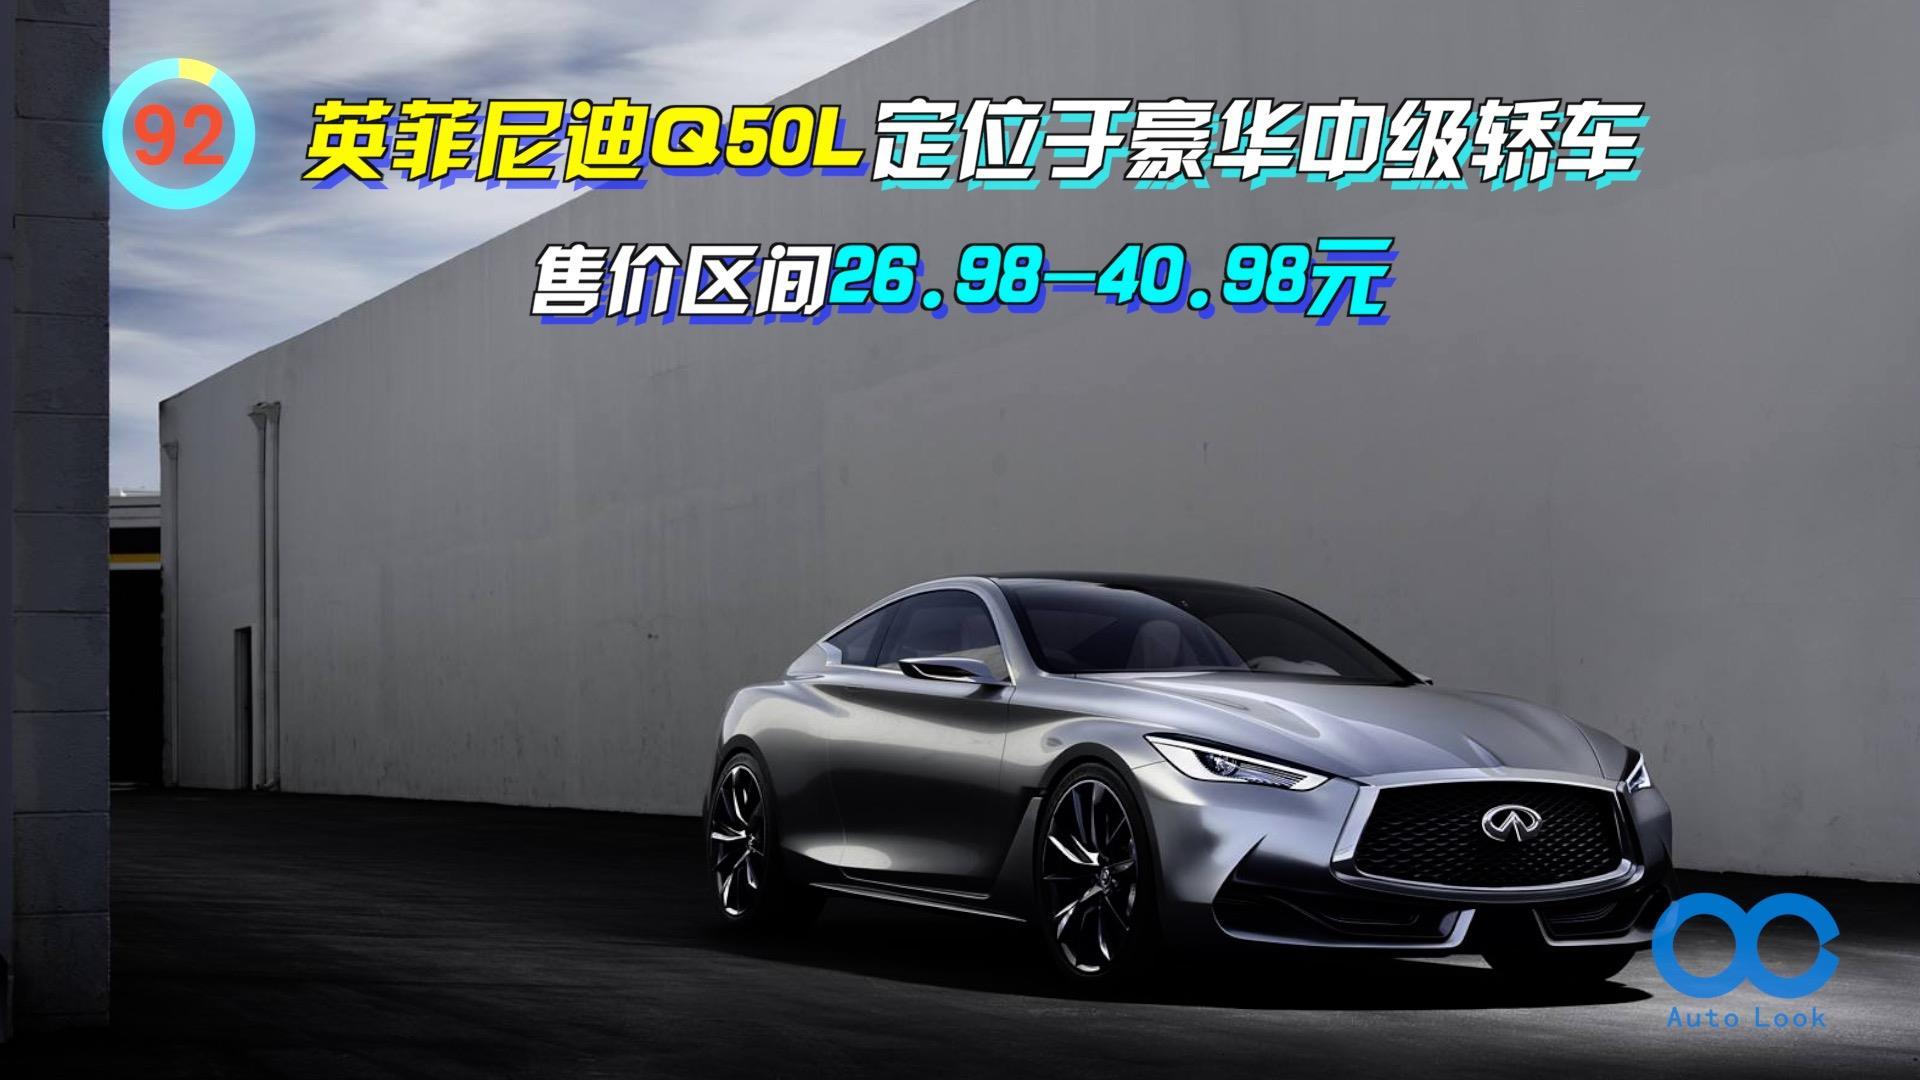 「百秒看车」英菲尼迪Q50L 奔驰同平台发动机